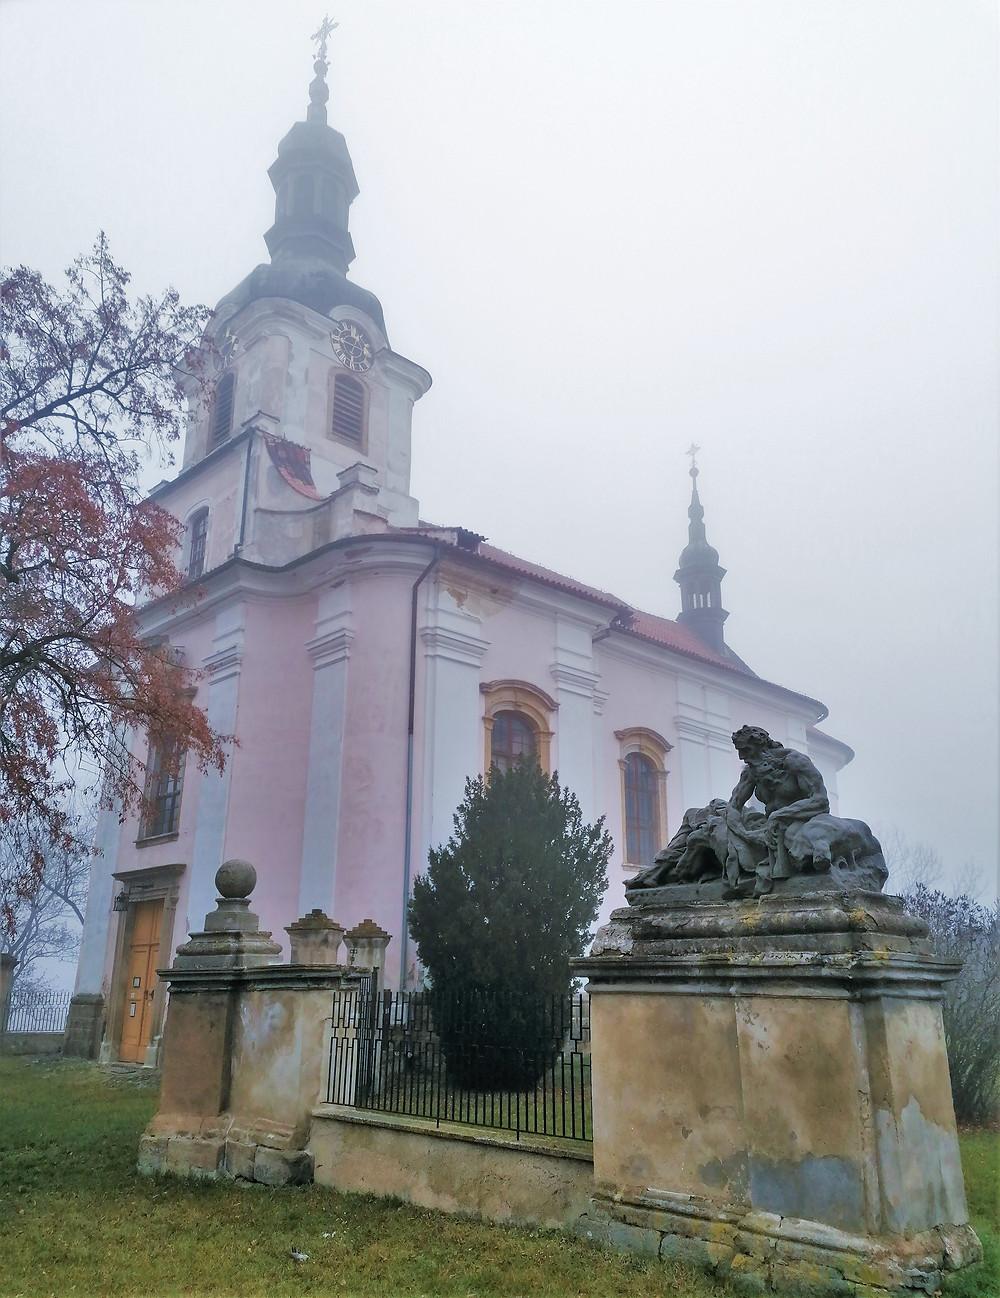 Původně gotický kostel svatého Jakuba v Cítolibech